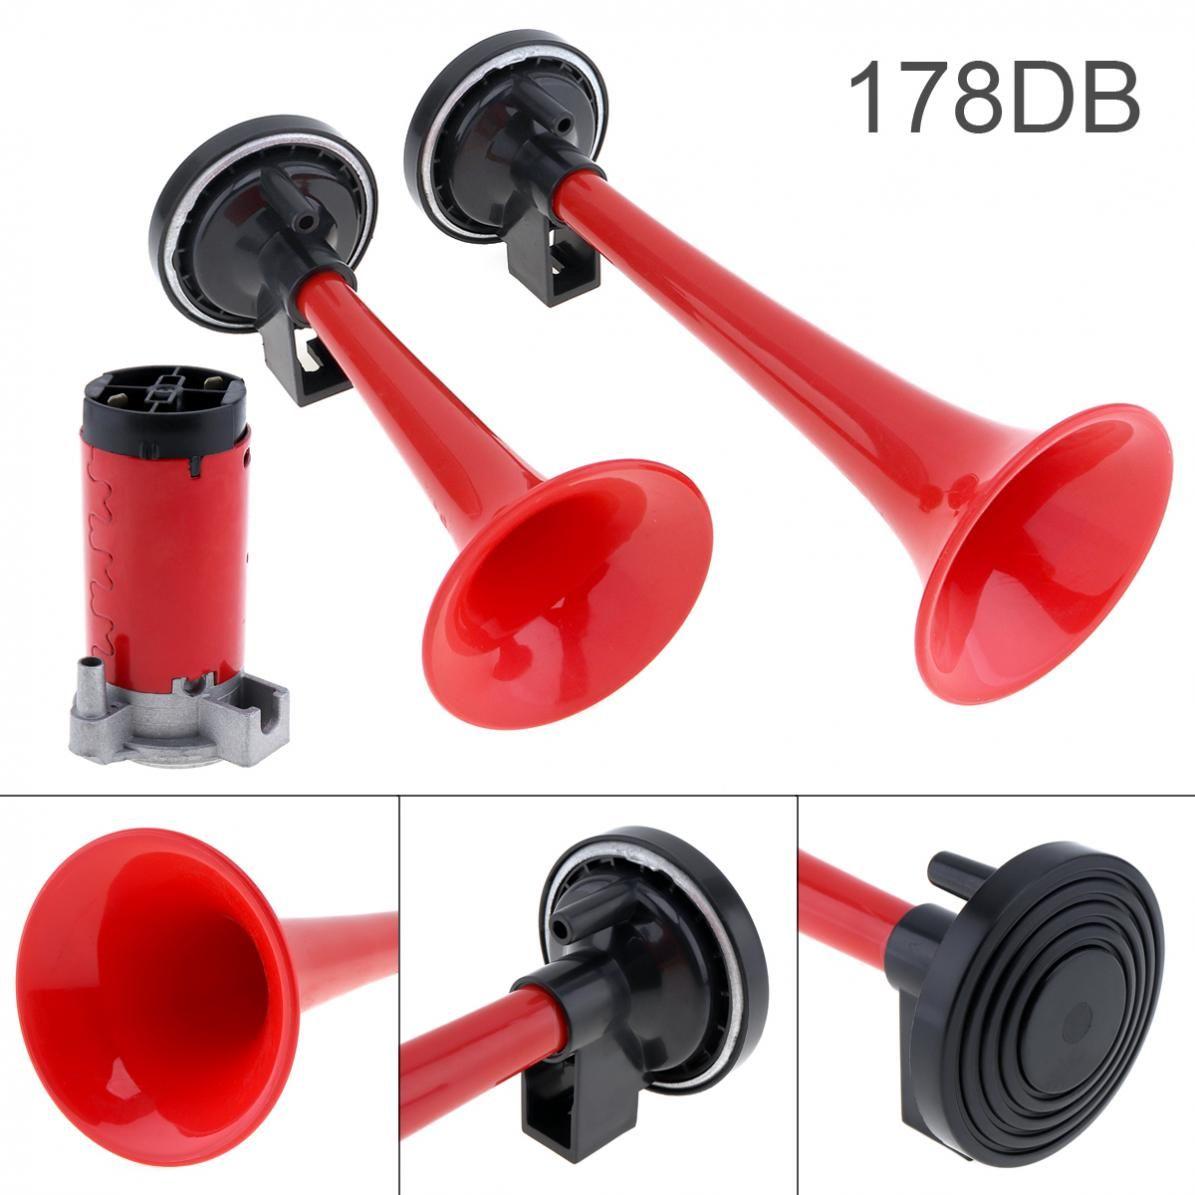 178DB Super-Loud Red 12V Air Horn Dual Trumpet Compressor Car Truck Train Boat